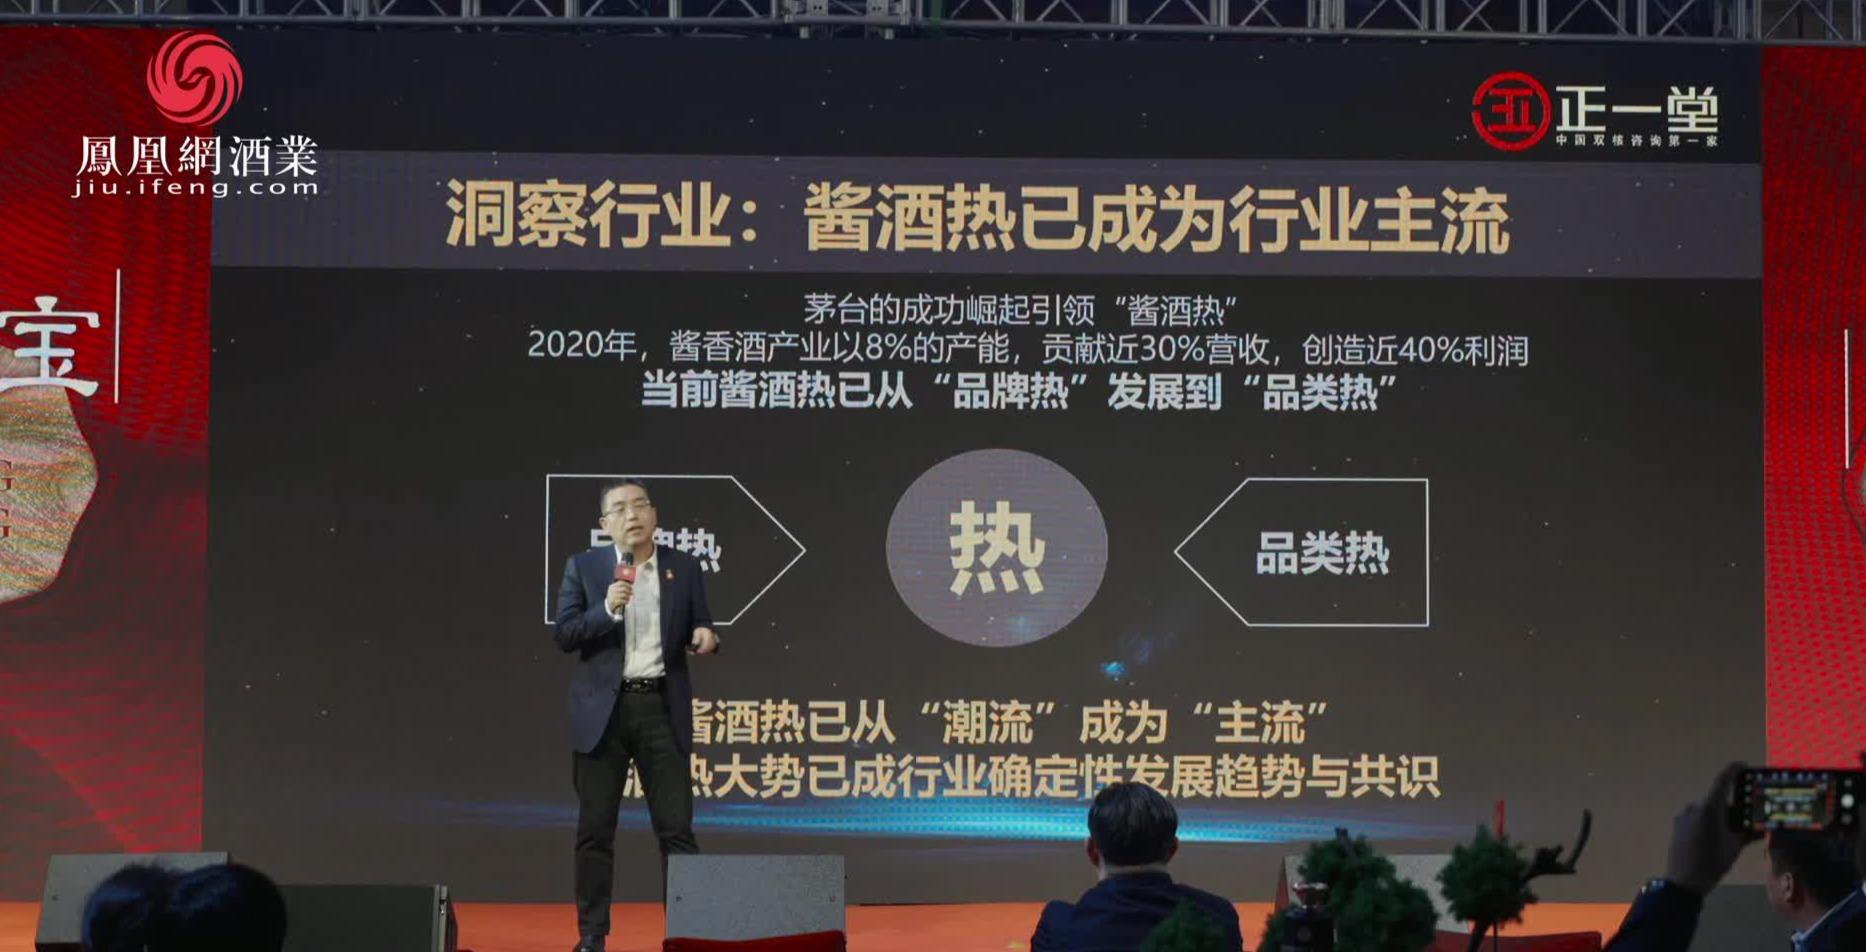 杨光:2020年名酒增速在10%左右 酱酒增速大多超30%